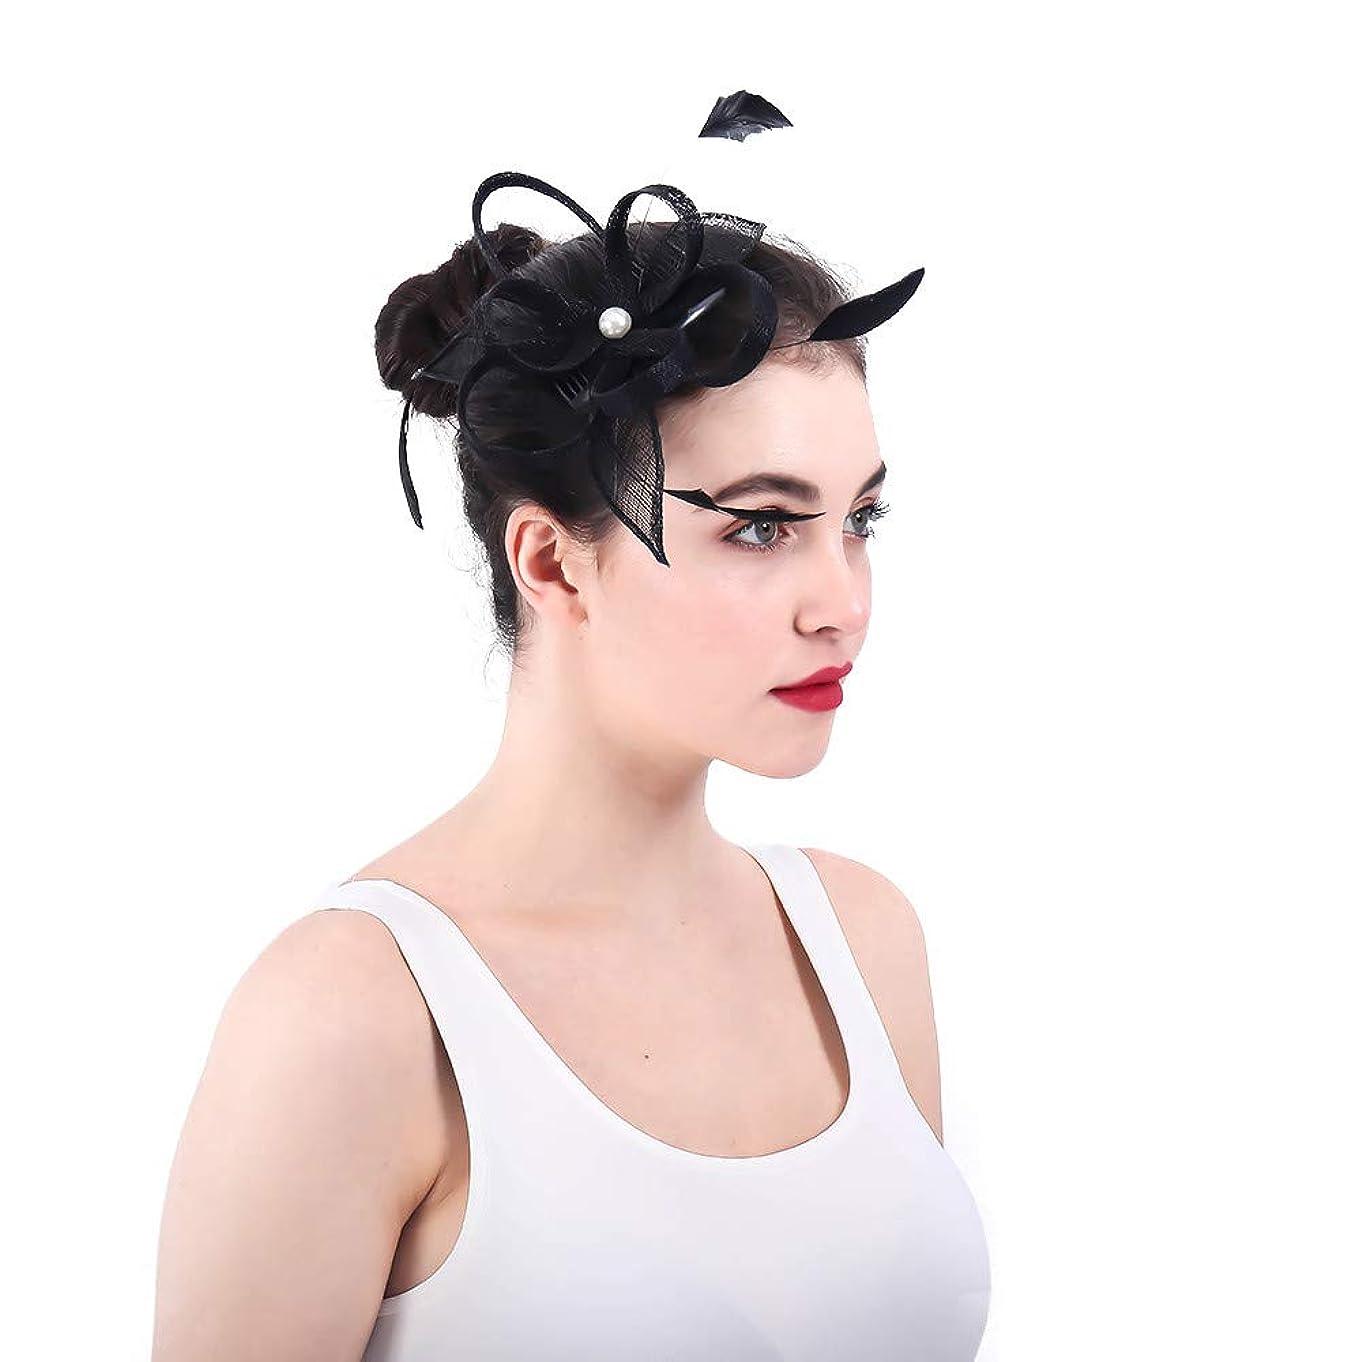 迷惑性差別称賛女性の魅力的な帽子 女性の結婚式の髪の魅惑的な羽のSinamayのヘアピンヘッドドレスの花ロイヤルアスコットカクテルティーパーティー (色 : ブラック)